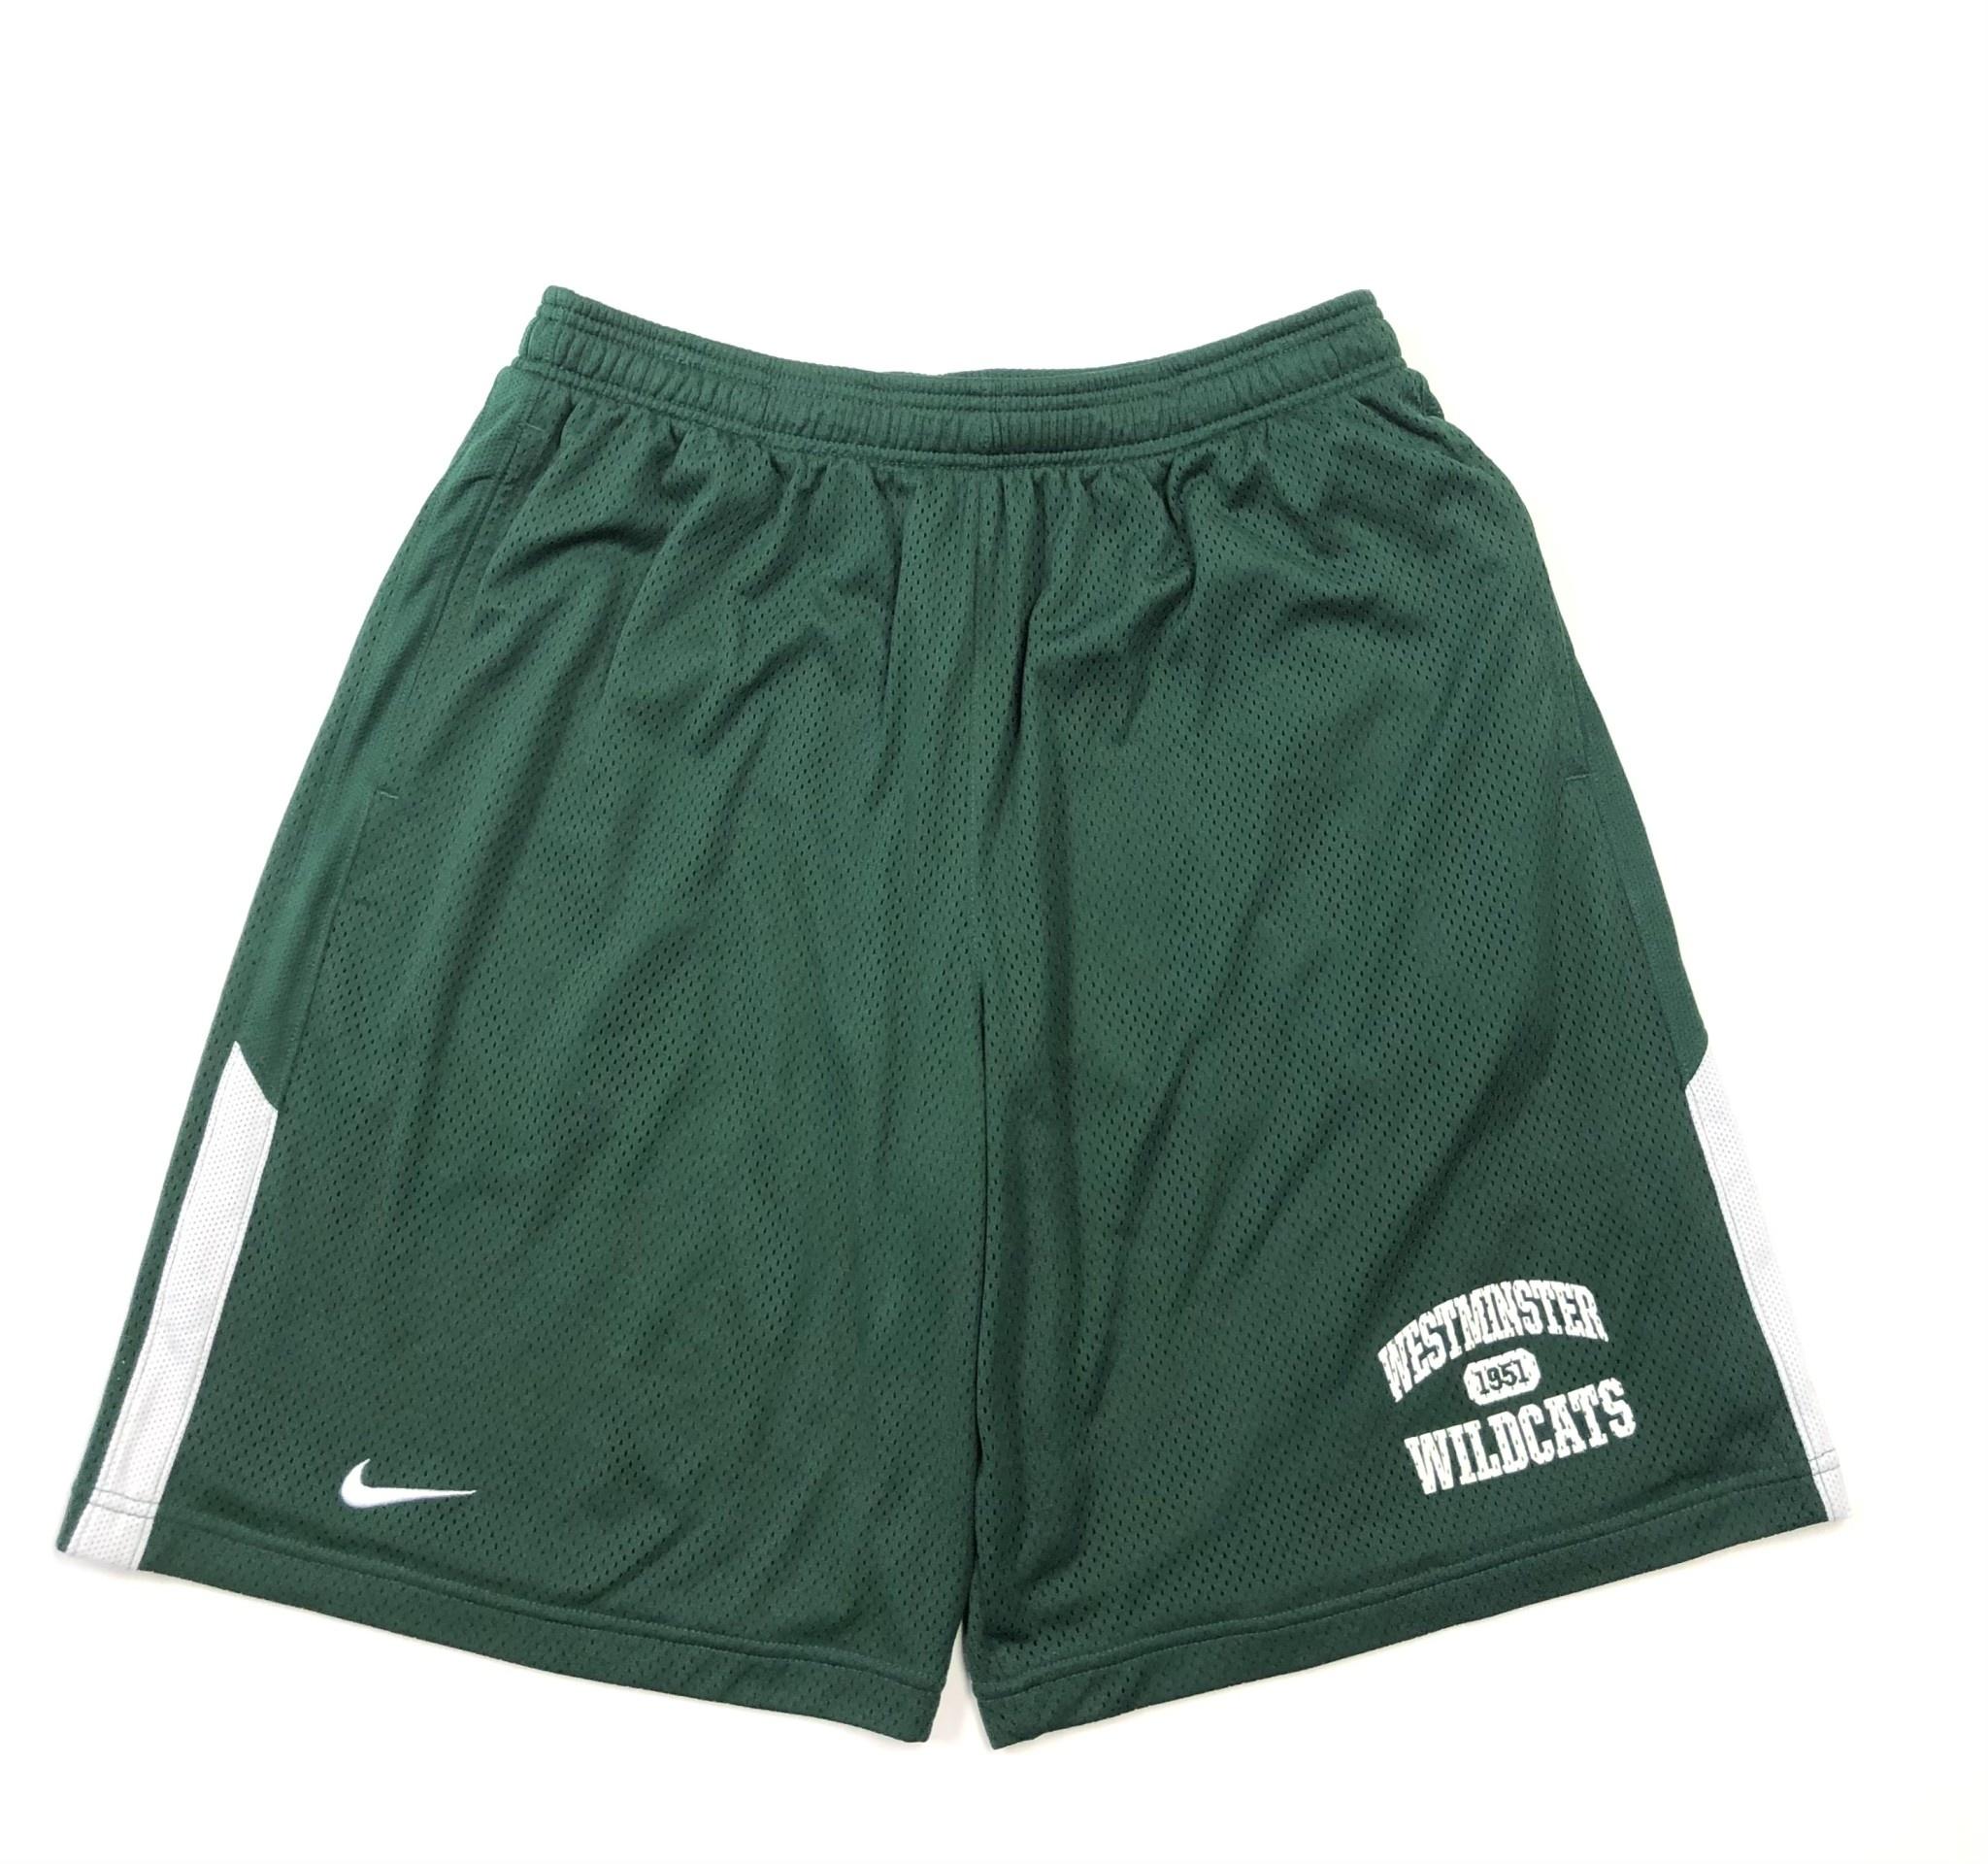 Nike Shorts: Nike Monster